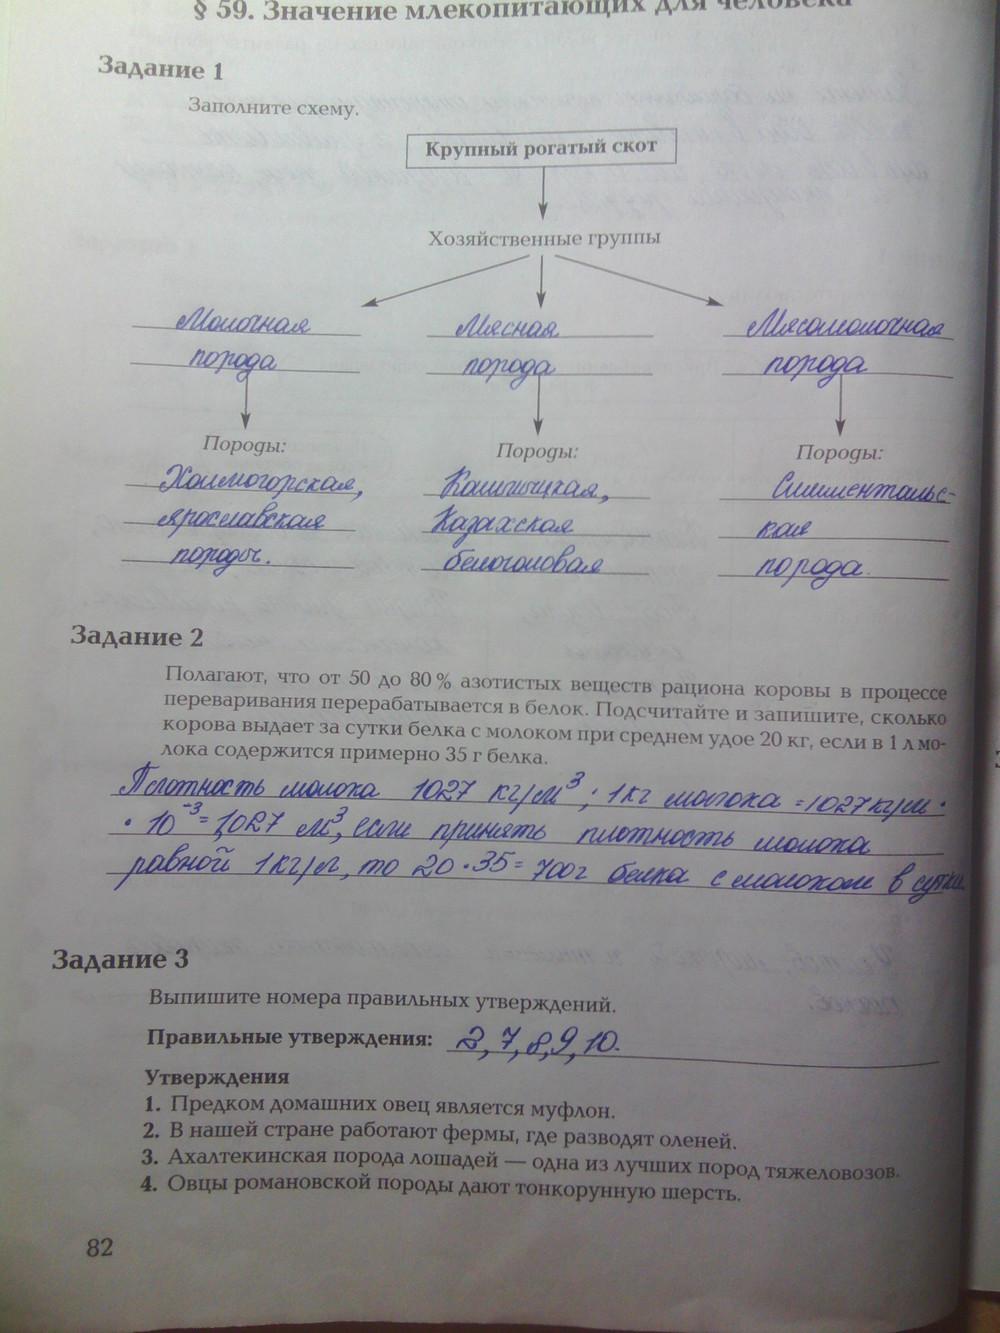 гдз биология 6 класс рабочая тетрадь суматохин кучменко 1 часть